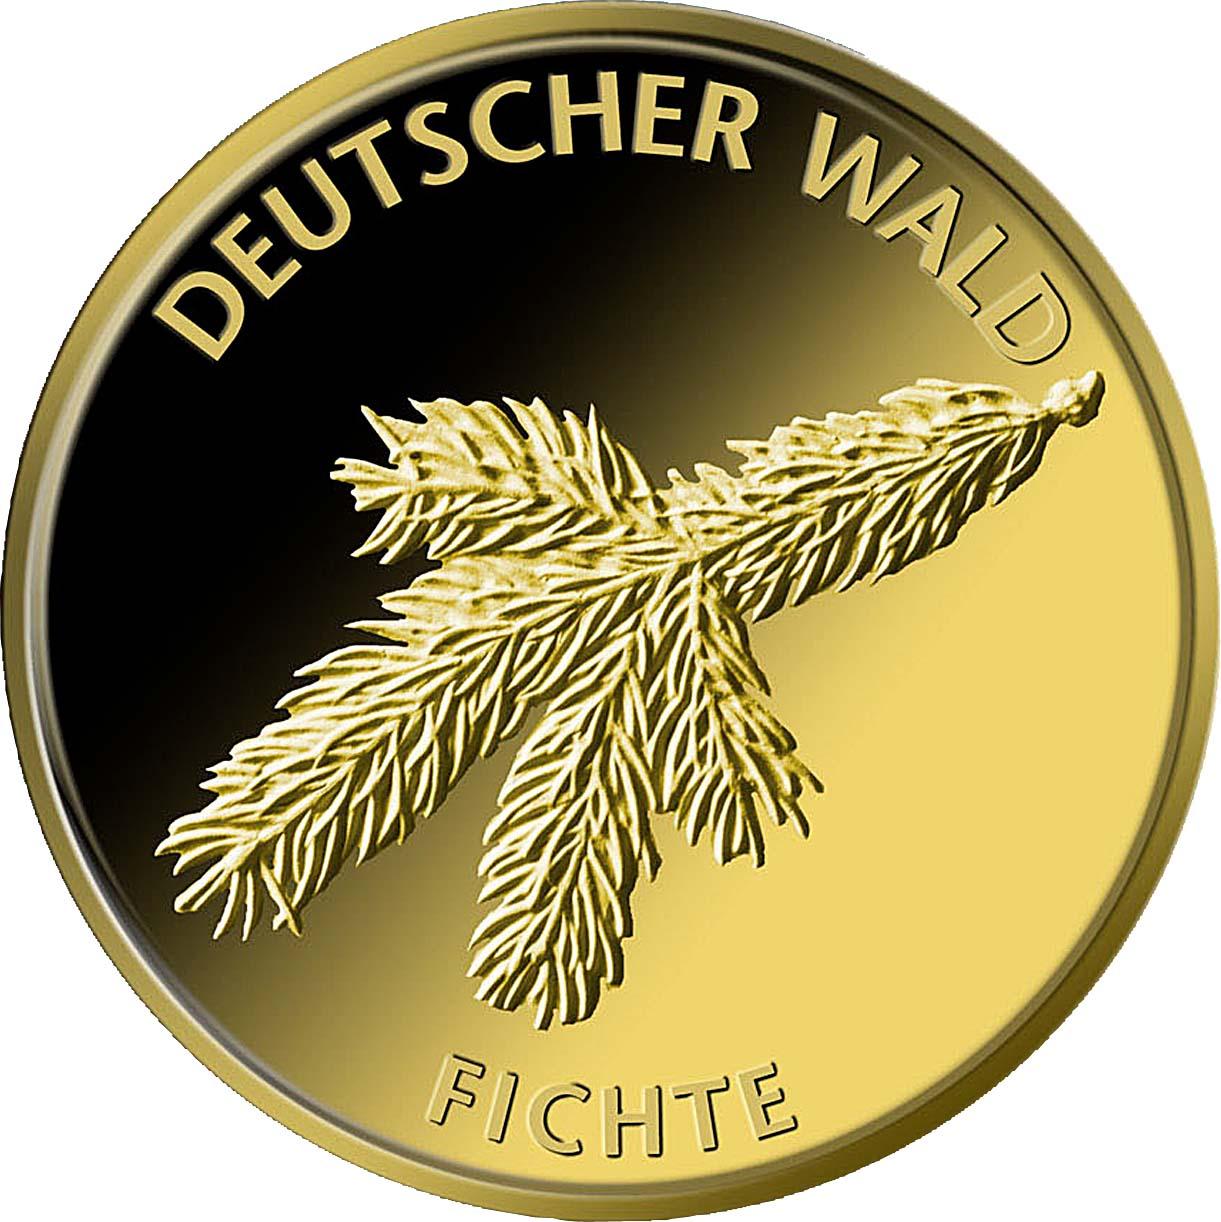 20 Euro Goldmünze Deutscher Wald Fichte 2012 Bildseite Goldmünze Deutscher Wald   Fichte